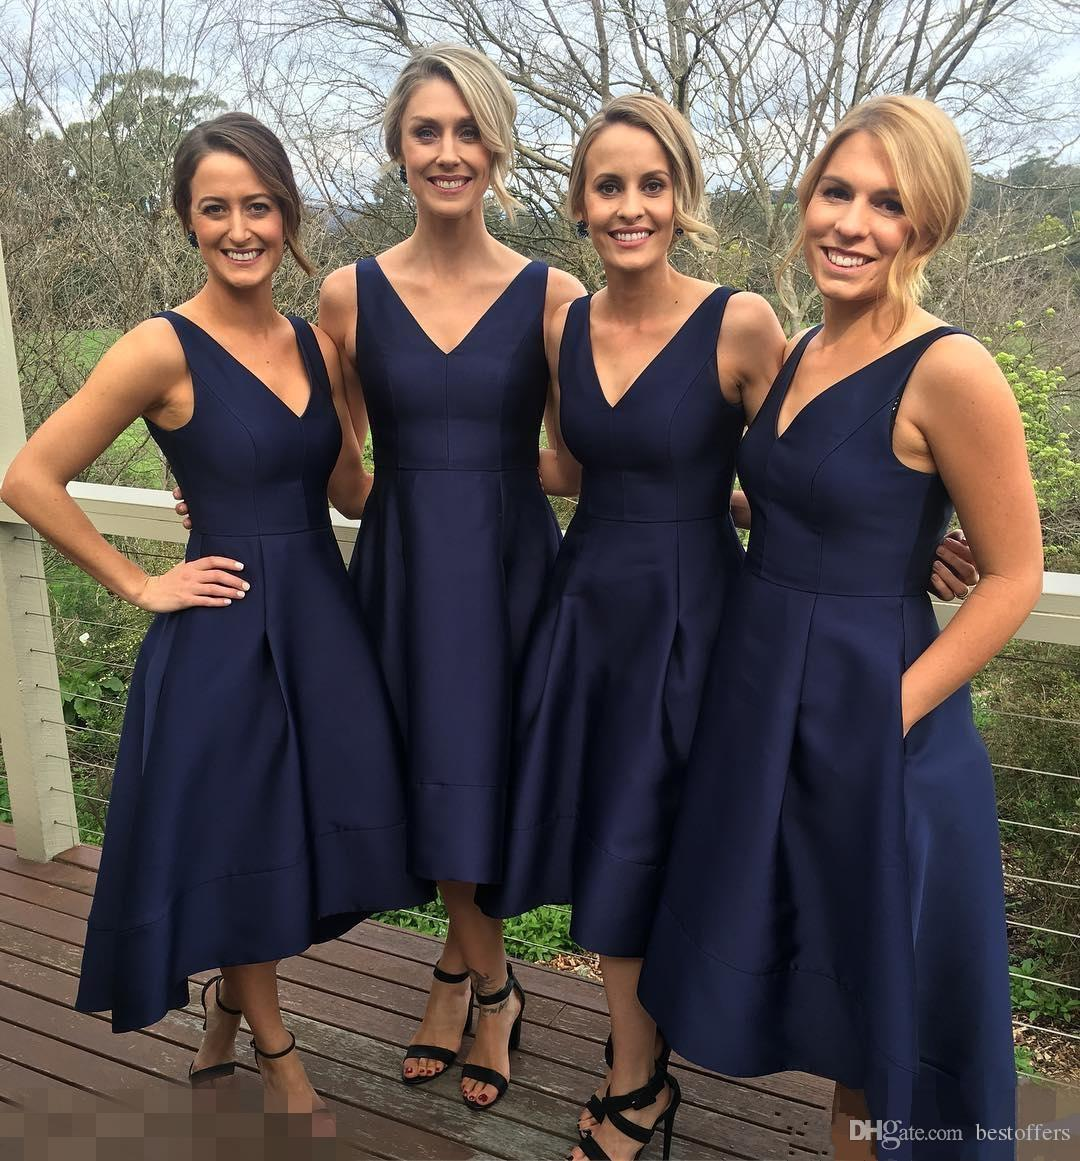 네이비 블루 저렴한 신부 들러리 드레스 2019 주머니와 정원 높은 낮은 태 피터 정원 소박한 하녀 명예 드레스 우아한 V 목 웨딩 게스트 드레스